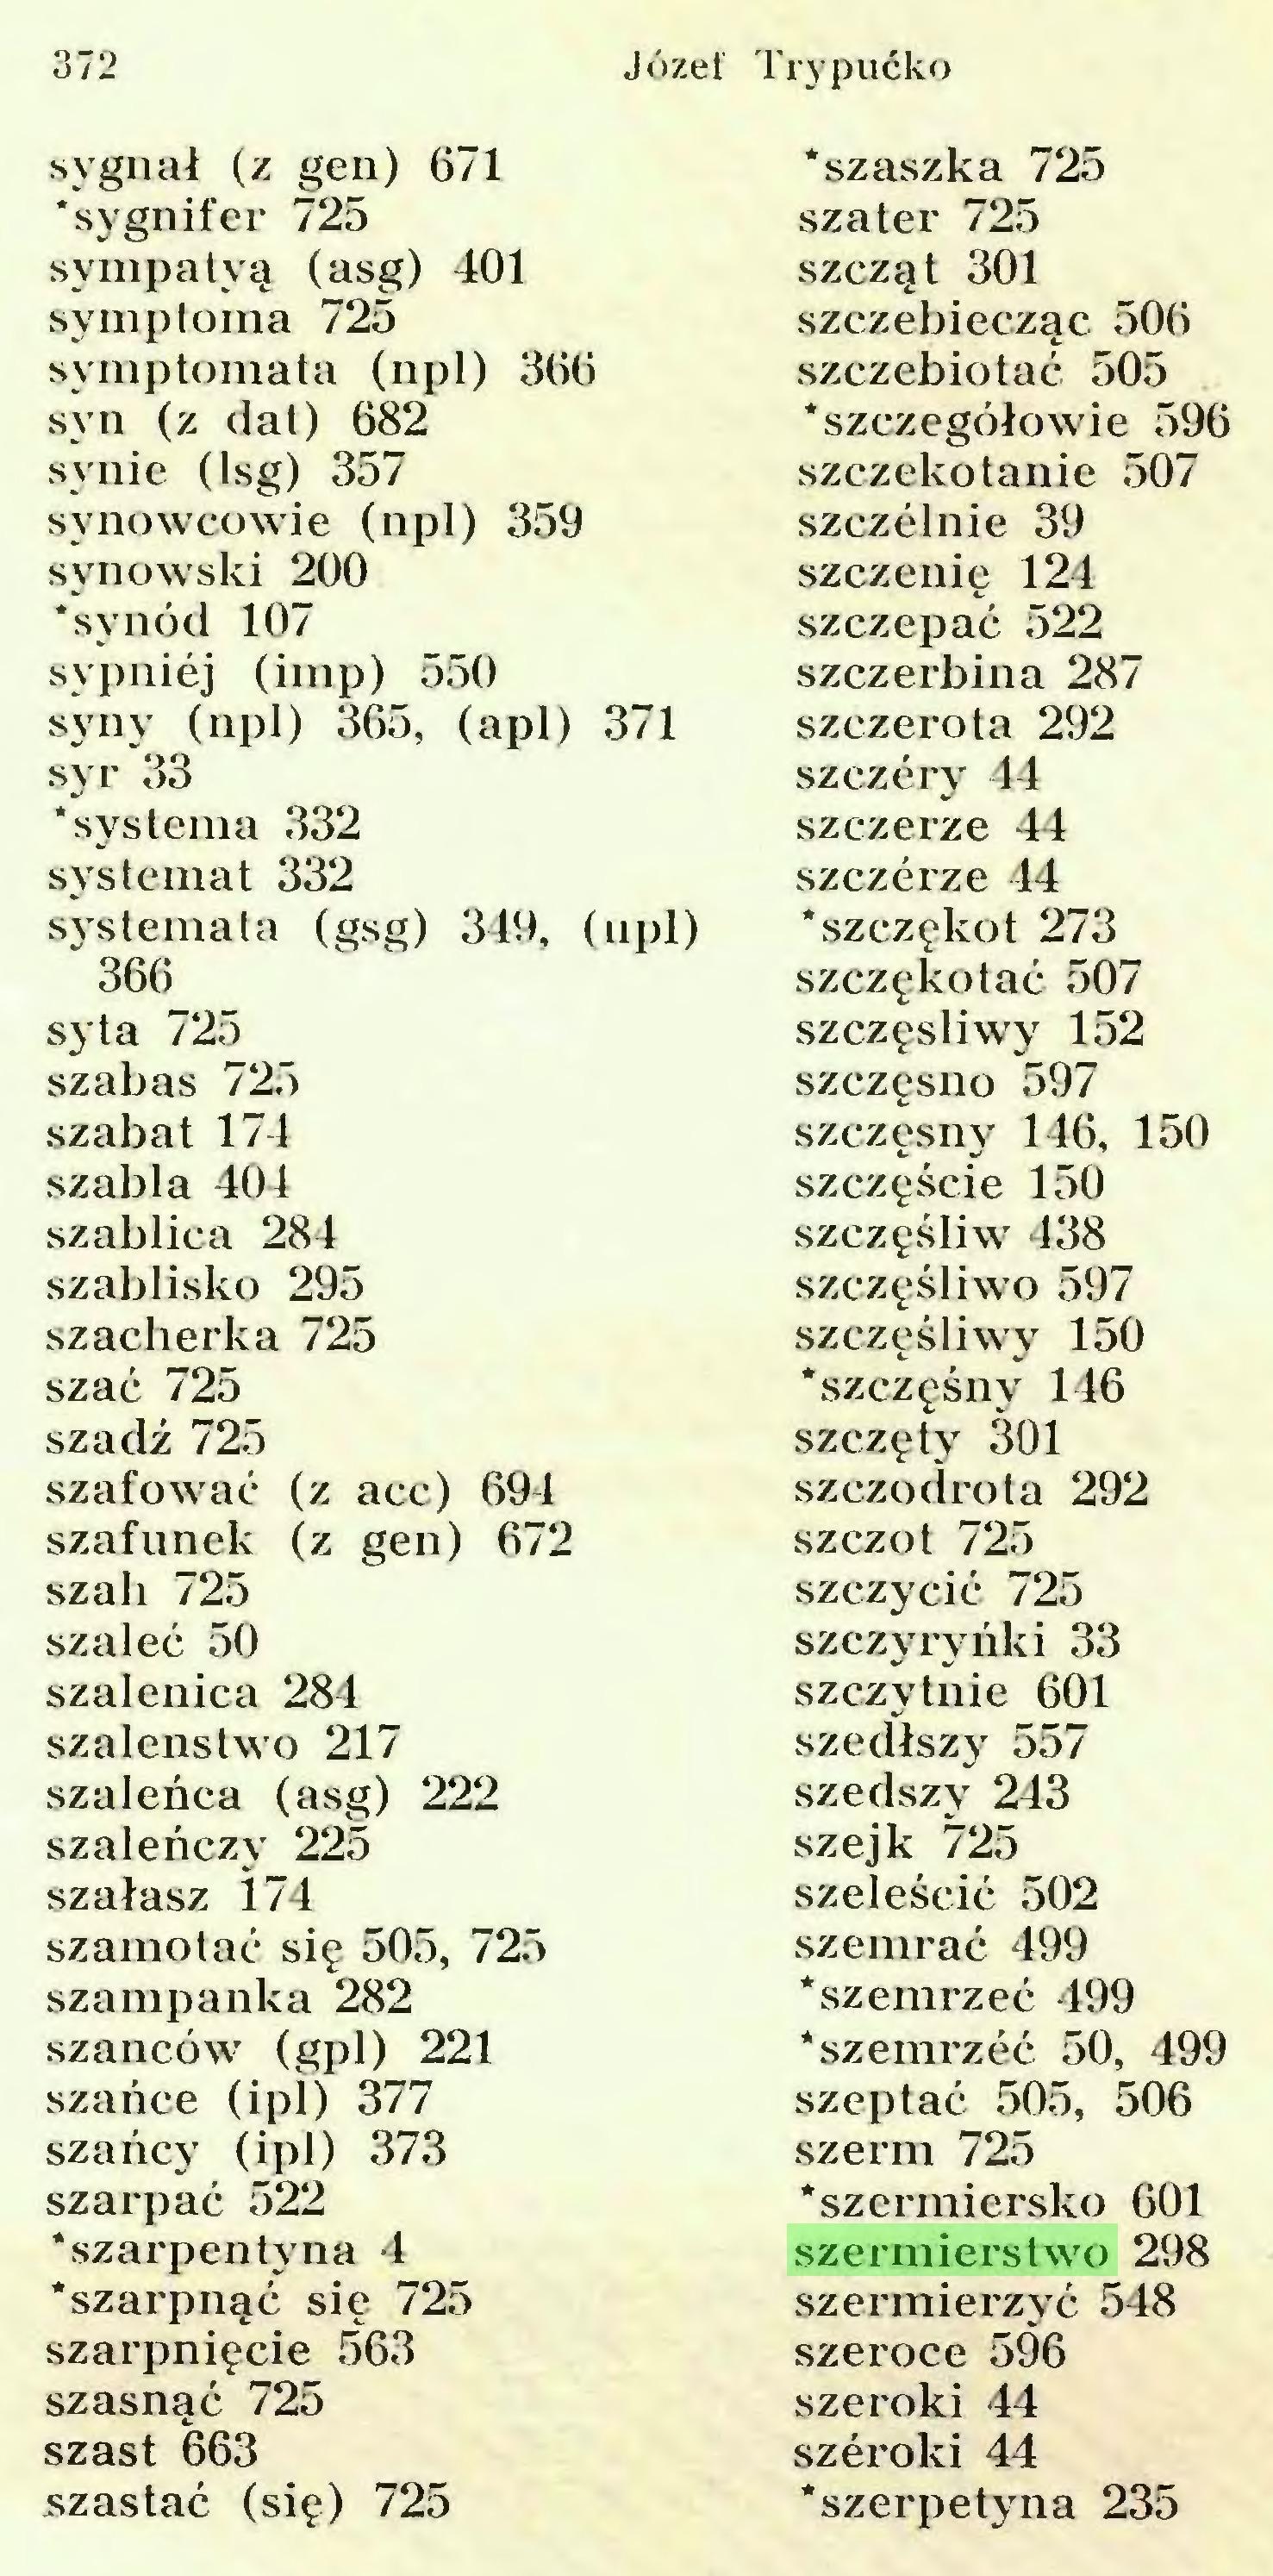 (...) 372 Józef Trypućko sygnał (z gen) 671 'szaszka 725 'sygnifer 725 szater 725 synipatyą (asg) 401 szcząt 301 symptoma 725 szczebiecząc 506 symptomata (npl) 366 szczebiotać 505 syn (z dat) 682 'szczegółowie 596 synie (lsg) 357 szczekotanie 507 synowcowie (npl) 359 szczelnie 39 synowski 200 szczenię 124 'synod 107 szczepać 522 sypniej (imp) 550 szczerbina 287 syny (npl) 365, (apl) 371 szczerota 292 syr 33 szczery 44 'systema 332 szczerze 44 systemat 332 szczerze 44 systemata (gsg) 349, (npl) 'szczękot 273 366 szczękotać 507 syta 725 szczęśliwy 152 szabas 725 szczęsno 597 szabat 174 szczęsny 146, 150 szabla 404 szczęście 150 szablica 284 szczęśliw 438 szablisko 295 szczęśliwo 597 szacherka 725 szczęśliwy 150 szać 725 'szczęśny 146 szadź 725 szczęty 301 szafować (z aee) 694 szczodrota 292 szafunek (z gen) 672 szczot 725 szali 725 szczycić 725 szaleć 50 szczyryńki 33 szalenica 284 szczytnie 601 szaleństwo 217 szedłszy 557 szaleńca (asg) 222 szedszy 243 szaleńczy 225 szejk 725 szałasz 174 szeleścić 502 szamotać się 505, 725 szemrać 499 szampanka 282 'szemrzeć 499 szańców (gpl) 221 'szemrzeć 50, 499 szańce (ipl) 377 szeptać 505, 506 szańcy (ipl) 373 szerm 725 szarpać 522 'szermiersko 601 'szarpentyna 4 szermierstwo 298 'szarpnąć się 725 szermierzyć 548 szarpnięcie 563 szeroce 596 szasnąć 725 szeroki 44 szast 663 szeroki 44 szastać (się) 725 'szerpetyna 235...